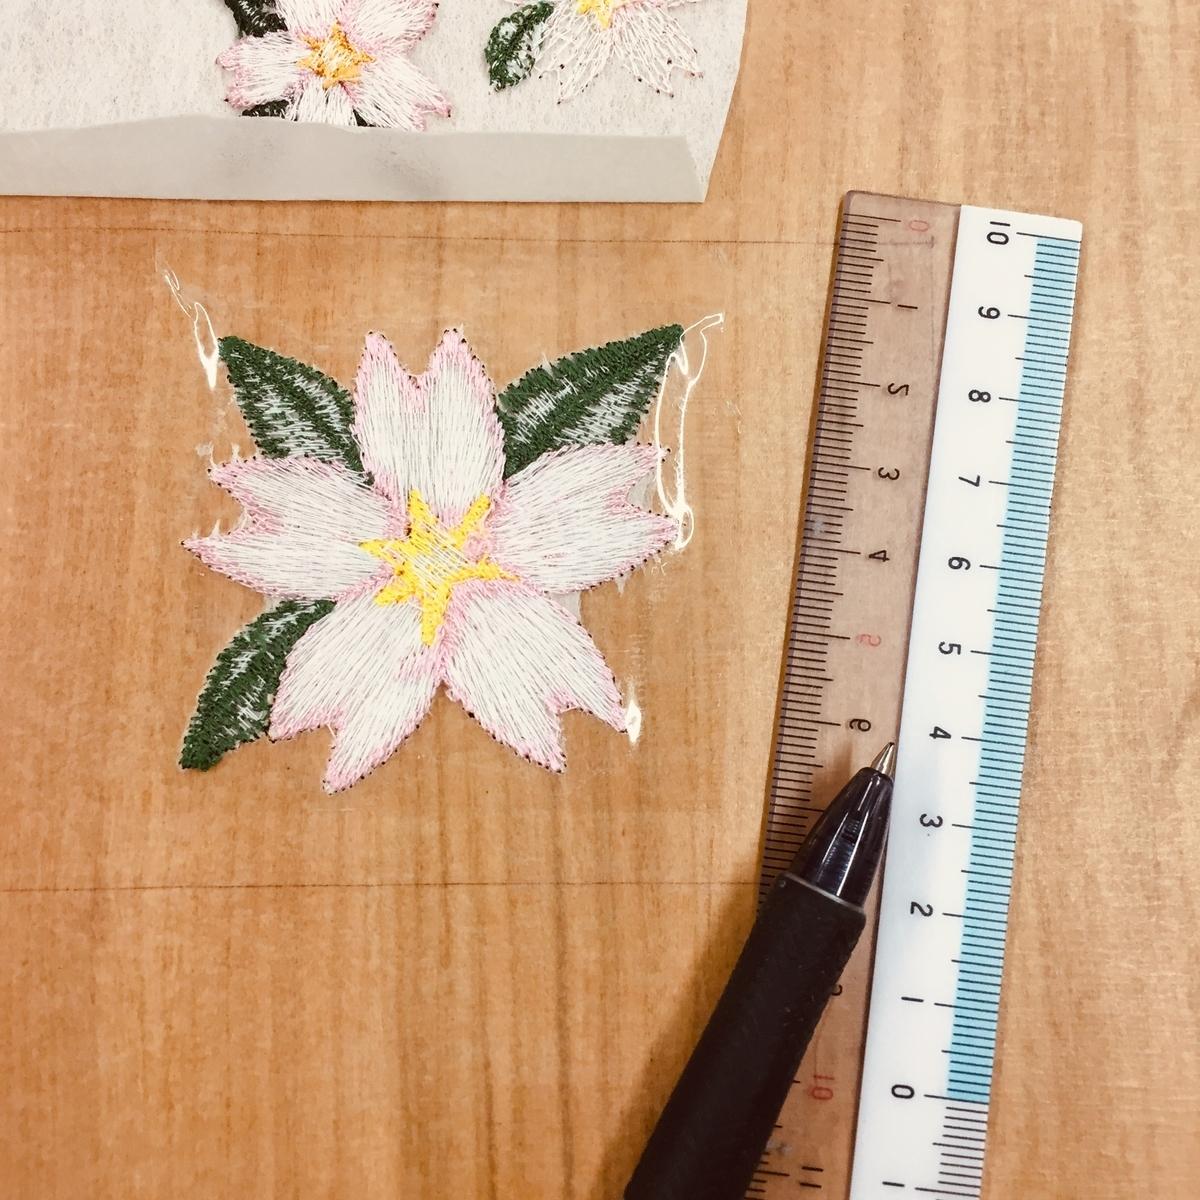 f:id:embroideryplay:20190418173523j:plain